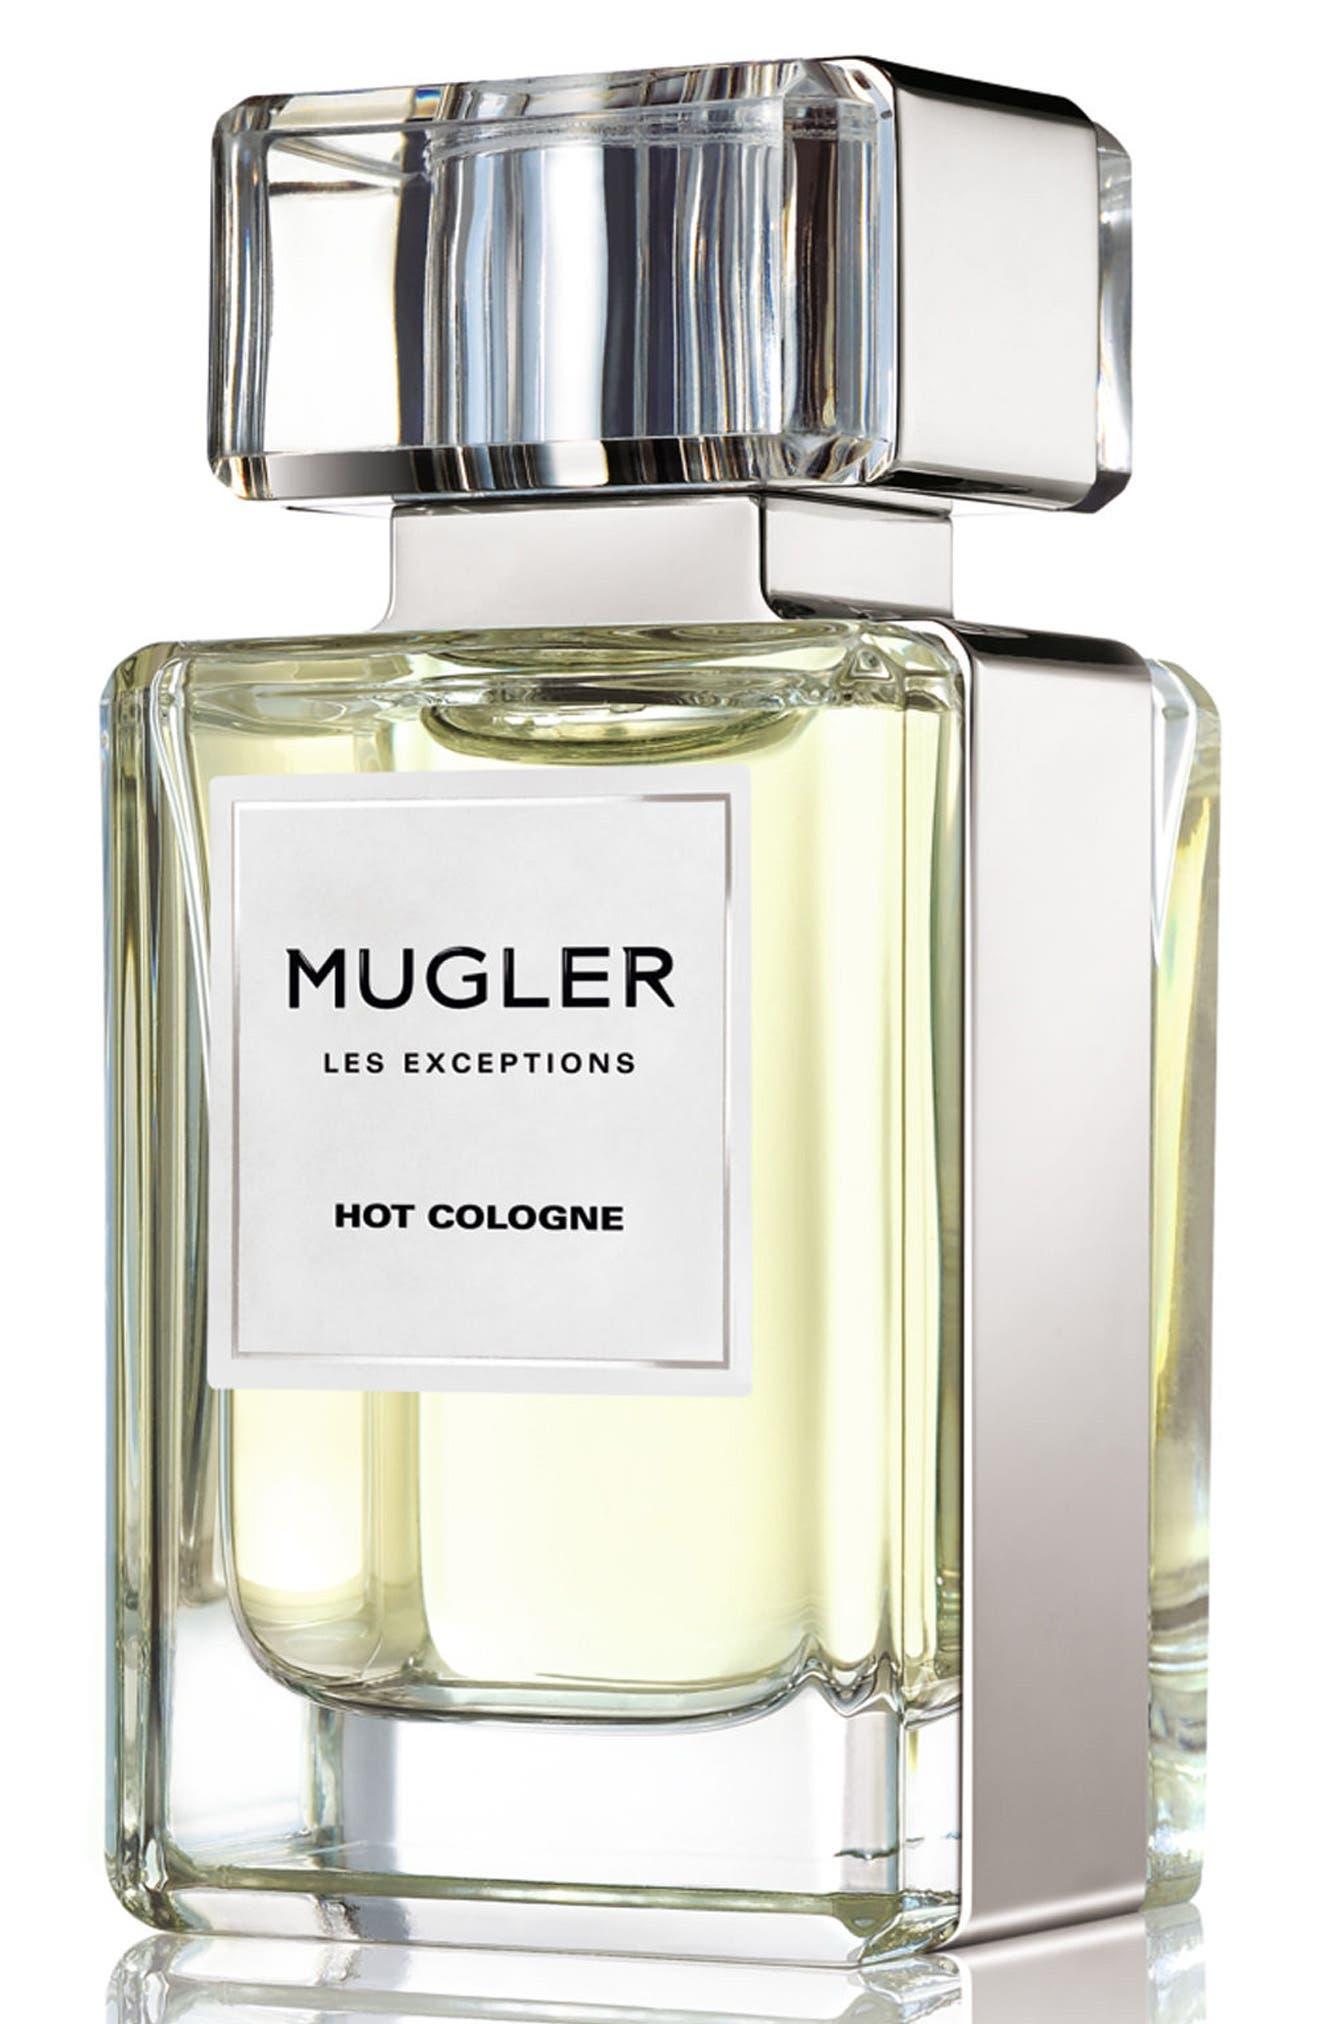 Les Exceptions by Mugler Hot Cologne Eau de Parfum Refillable Spray,                         Main,                         color, No Color